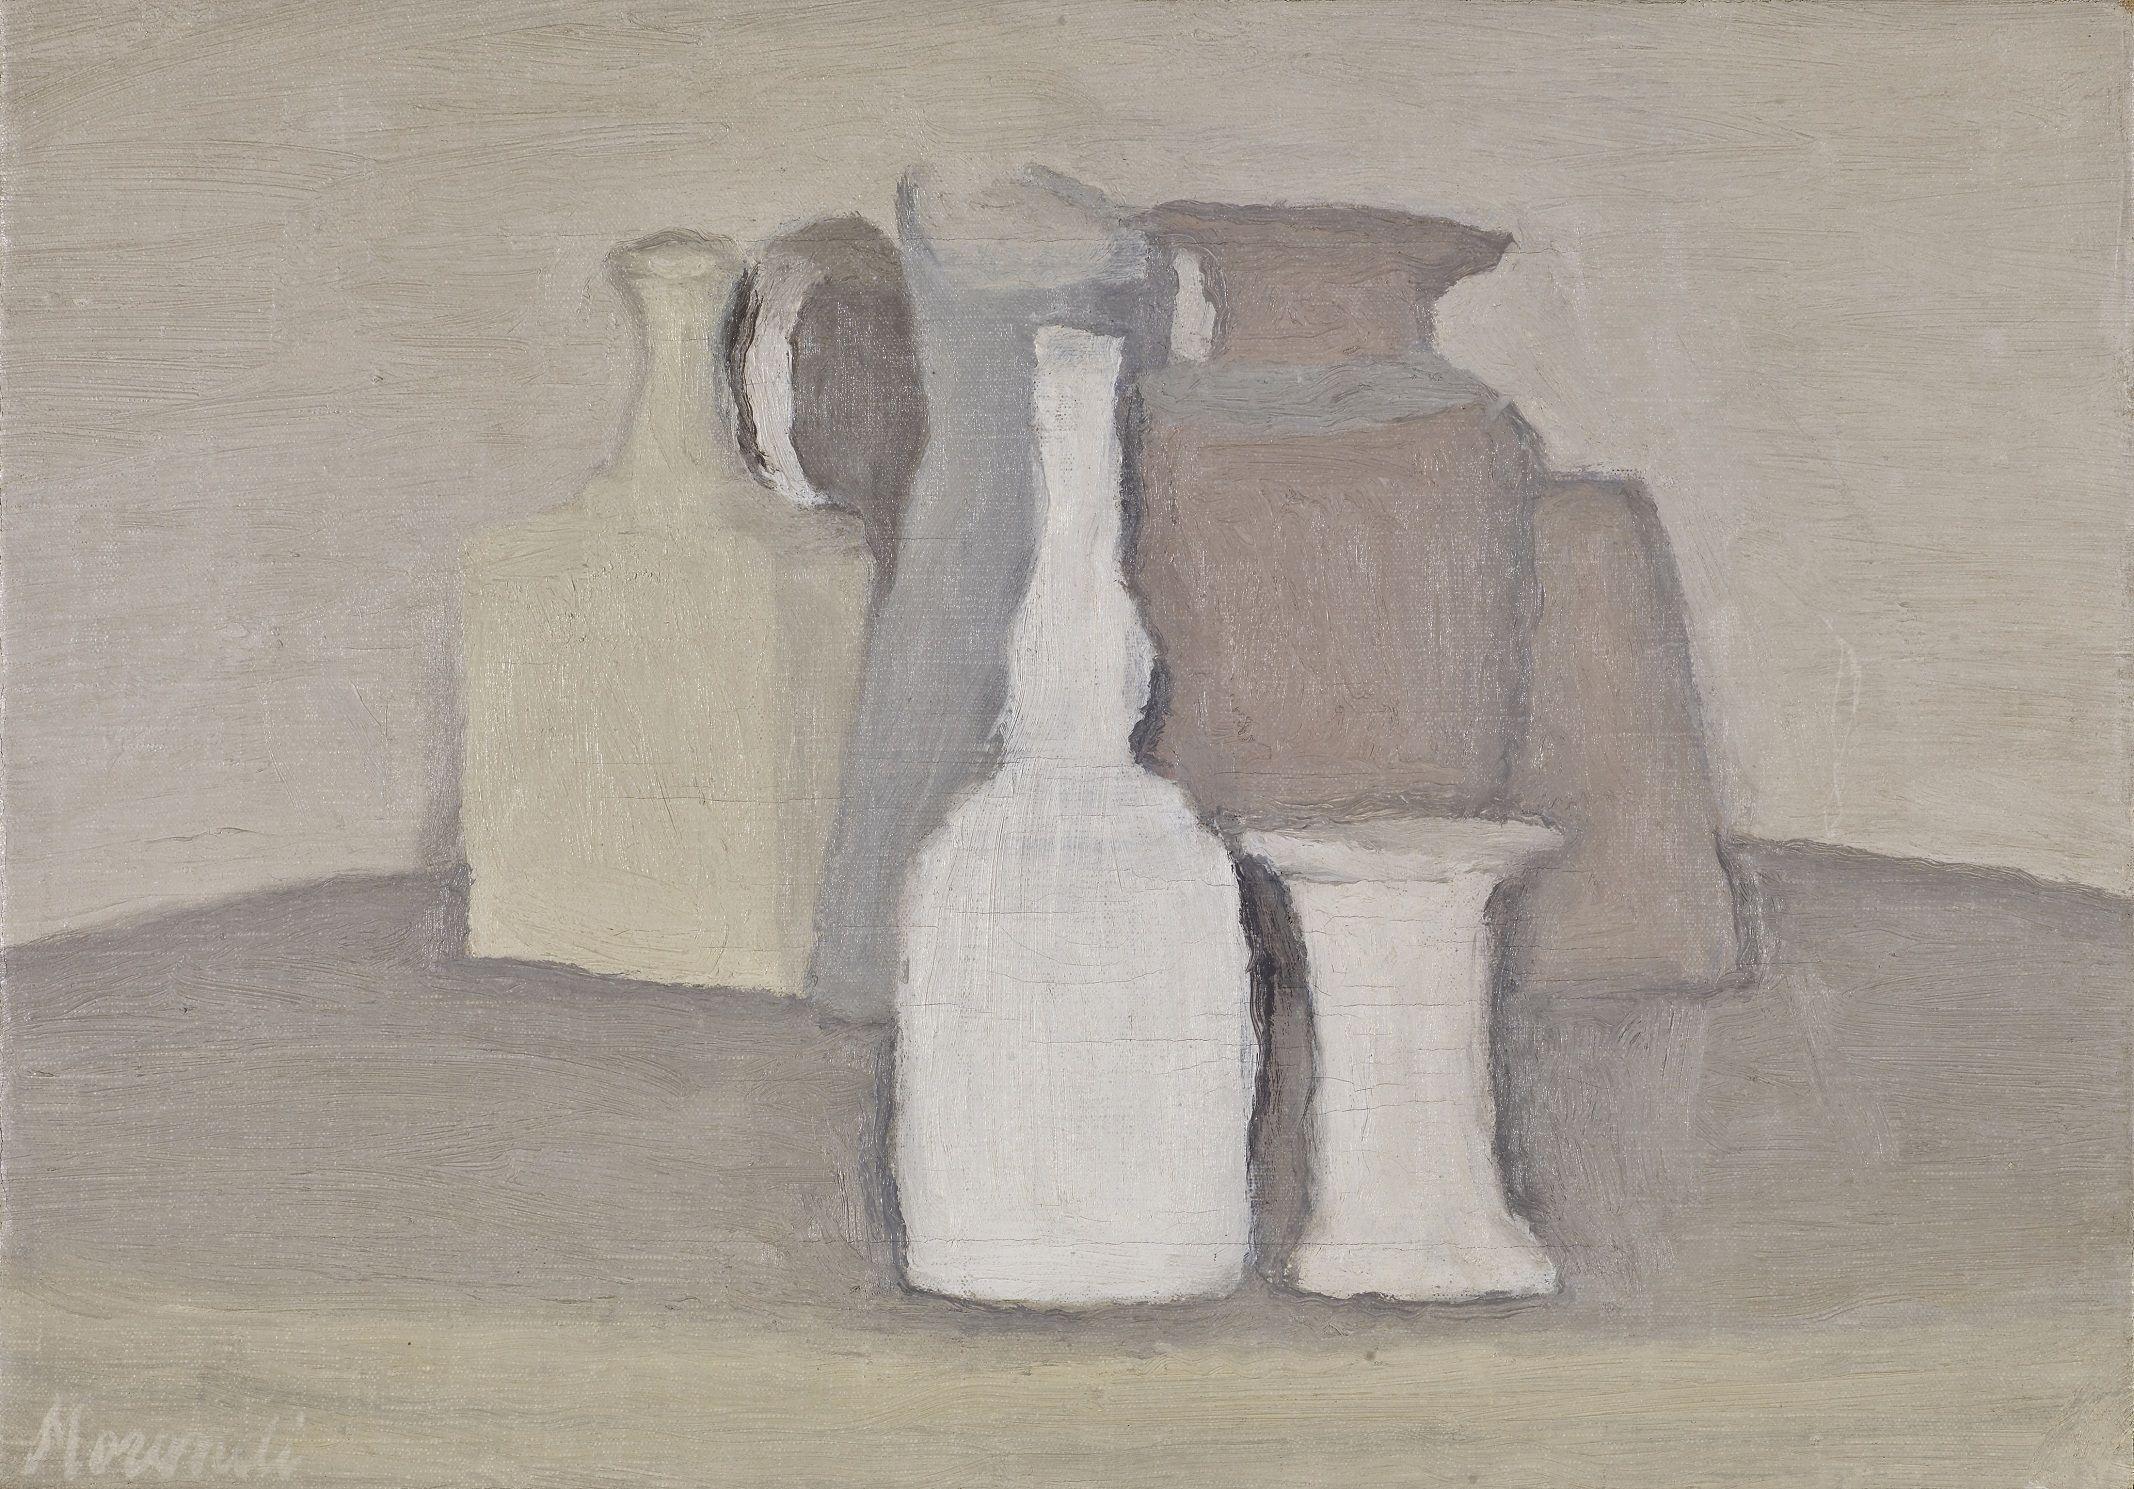 Morandi, Natura morta, 1947-48  Oil on canvas, 25.5 x 36 cm, 10 x 14.2 in.